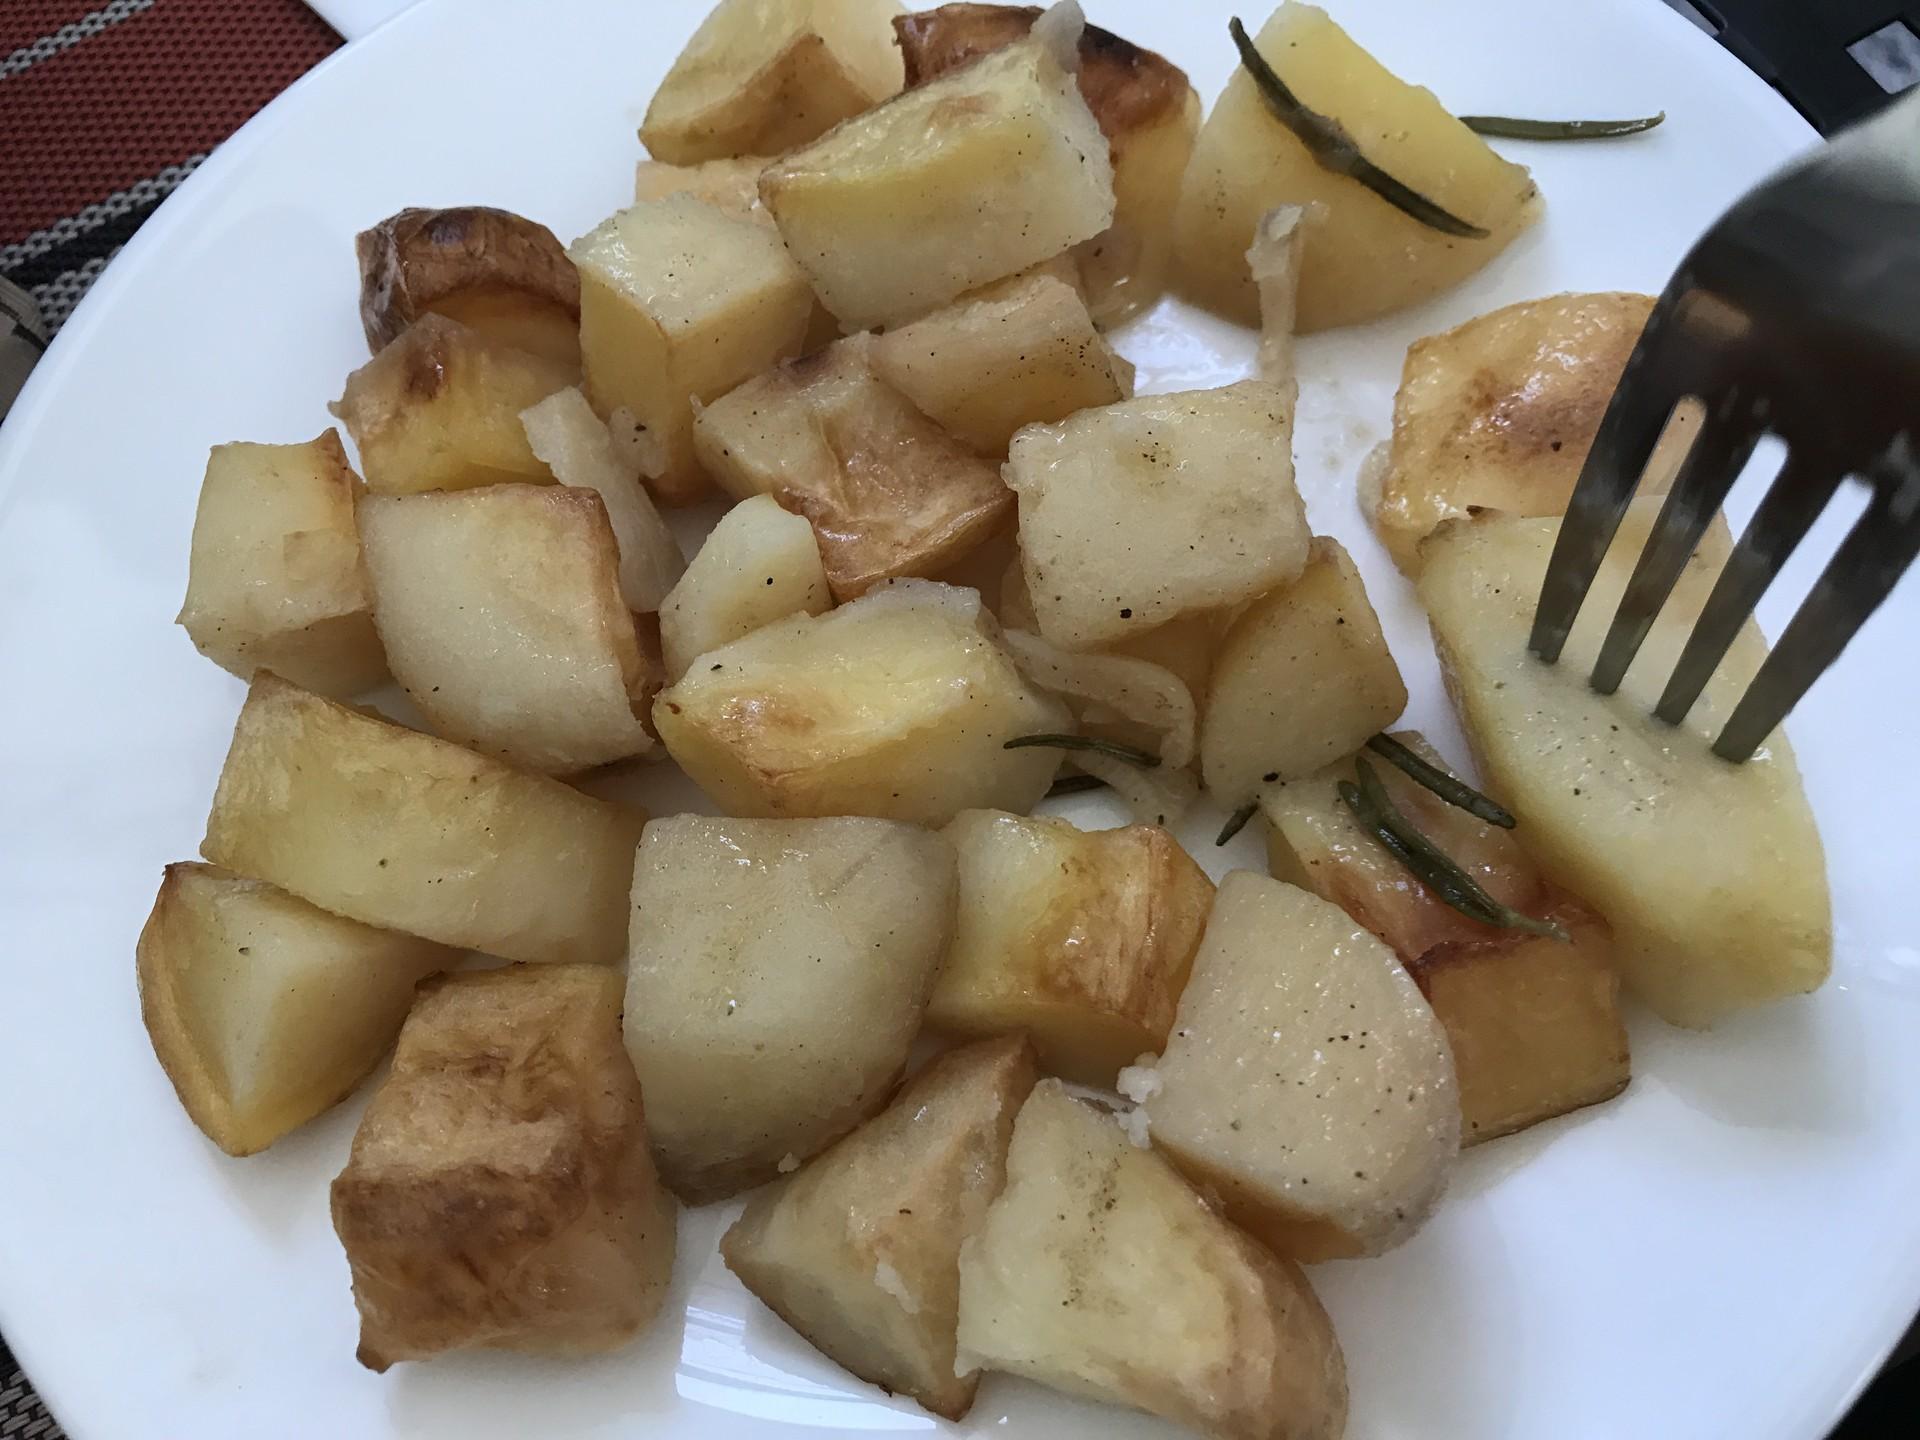 cena-ristorante-la-mama-2f117fef22d08552